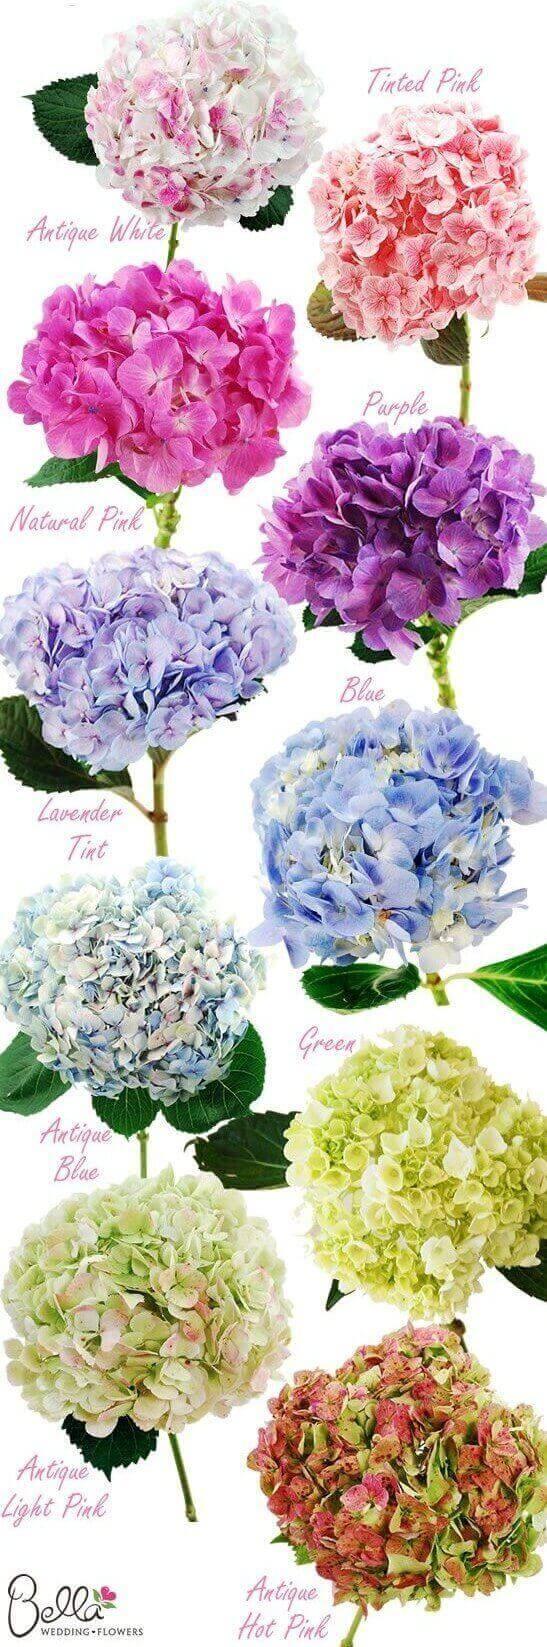 Hortensias una decoraci n de boda ideal argyor mx - Decoracion con hortensias ...